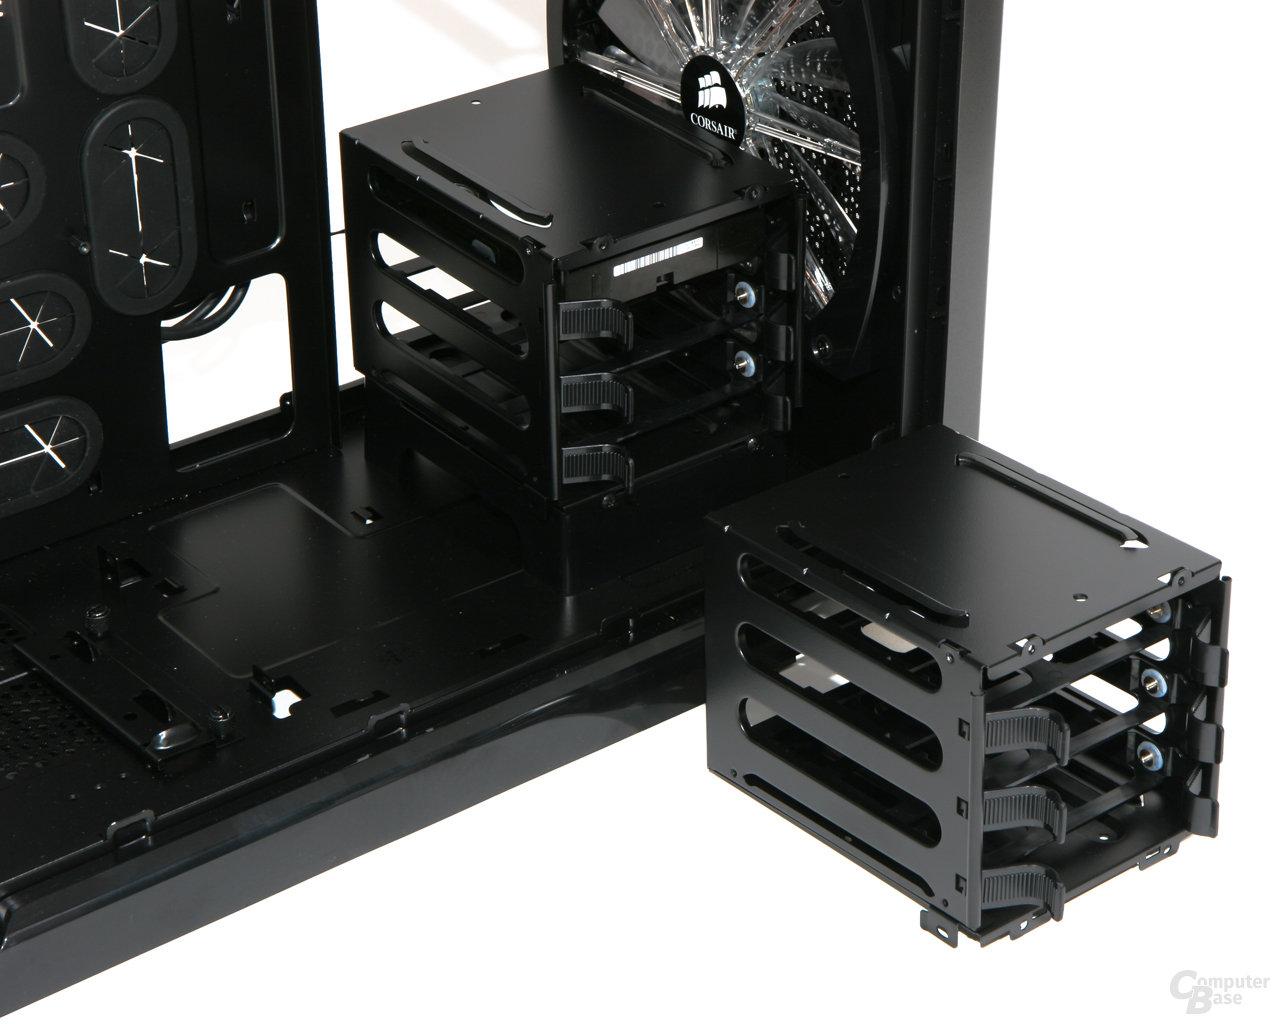 Corsair Graphite 600T – Demontierter Festplattenkäfig